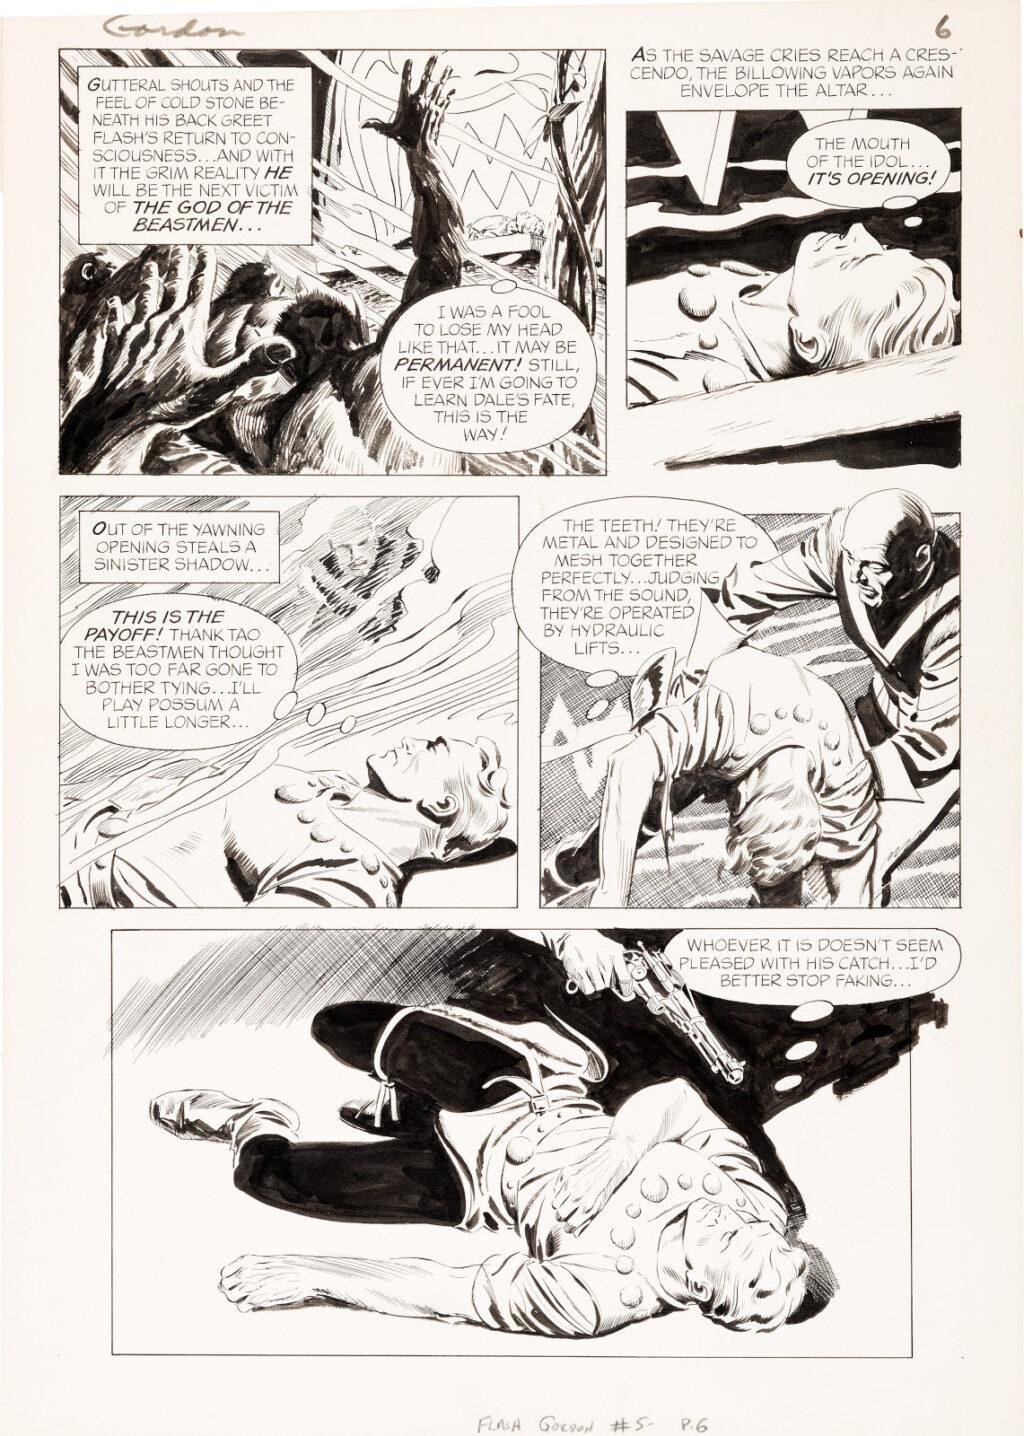 Flash Gordon issue 5 page 6 by Al Williamson